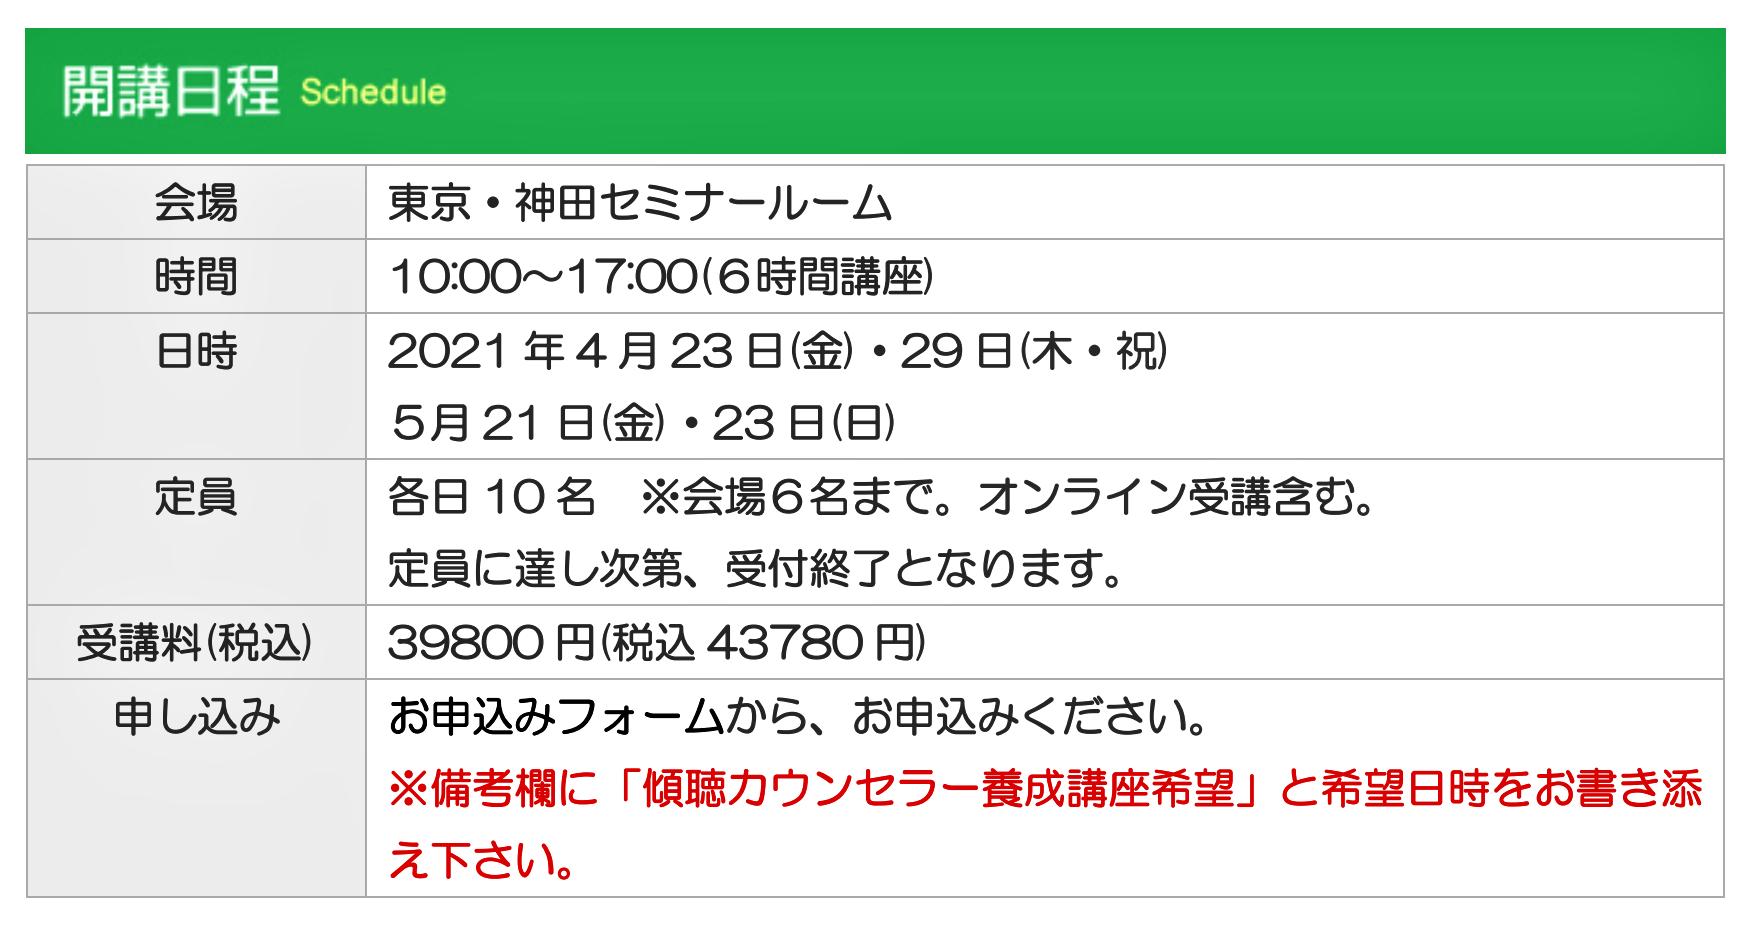 スクリーンショット (23).png